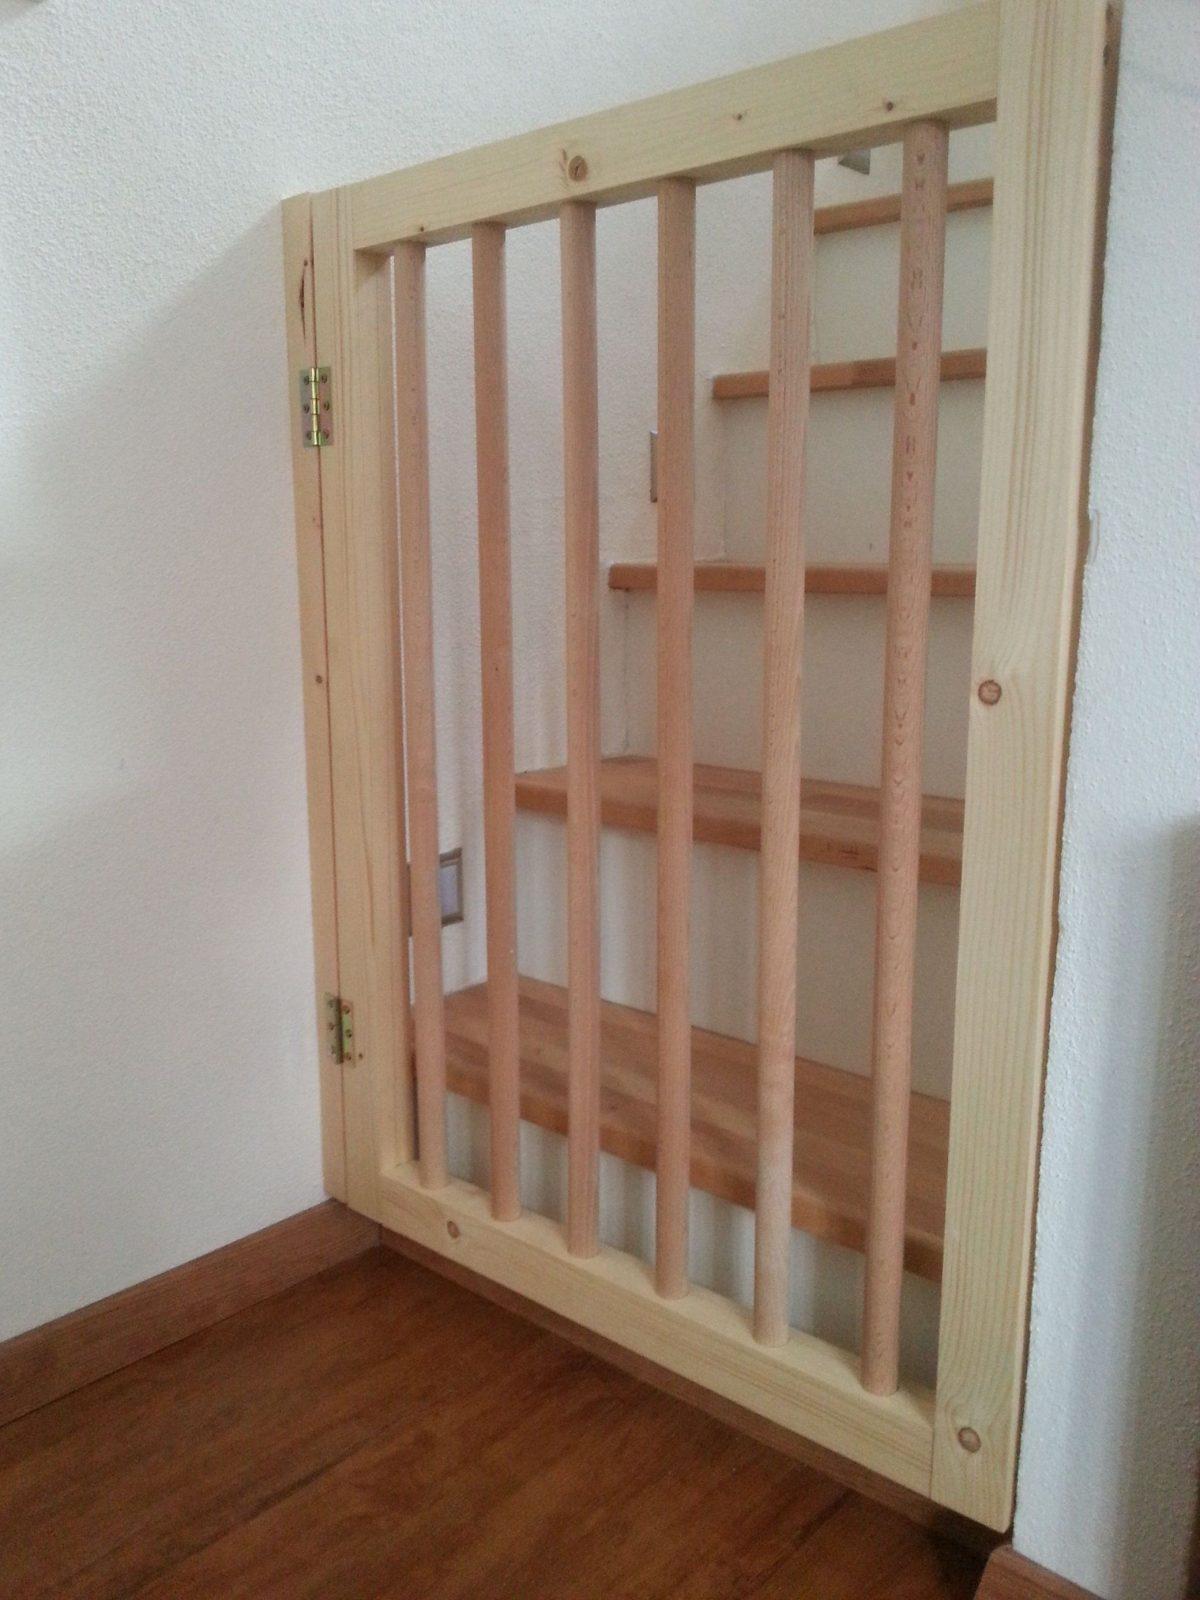 Treppenschutzgitter Bauanleitung Zum Selber Bauen  Kinder von Treppenschutzgitter Zum Klemmen Ikea Photo